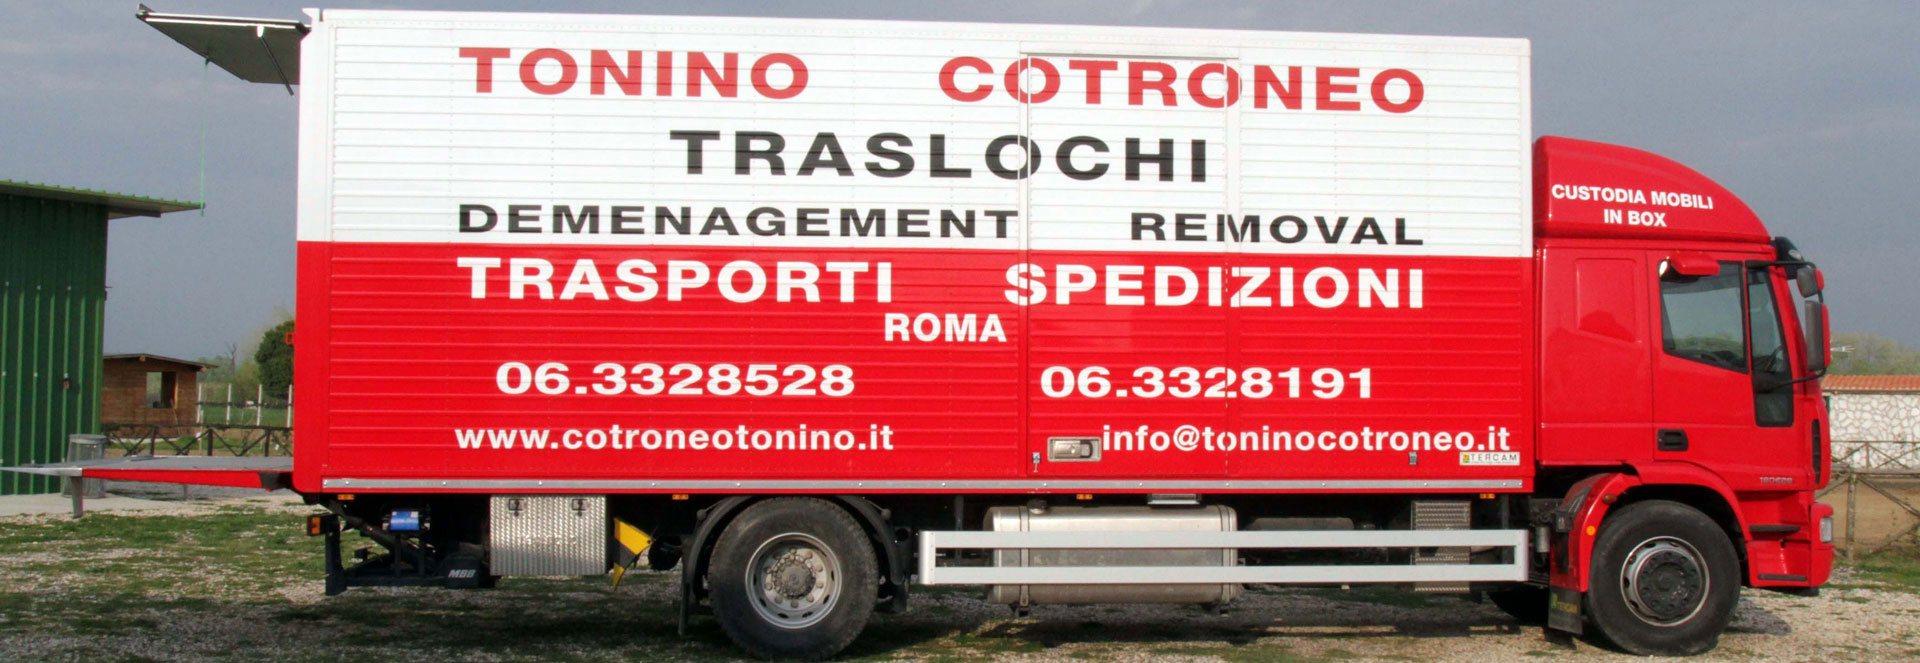 Tonino Cotroneo